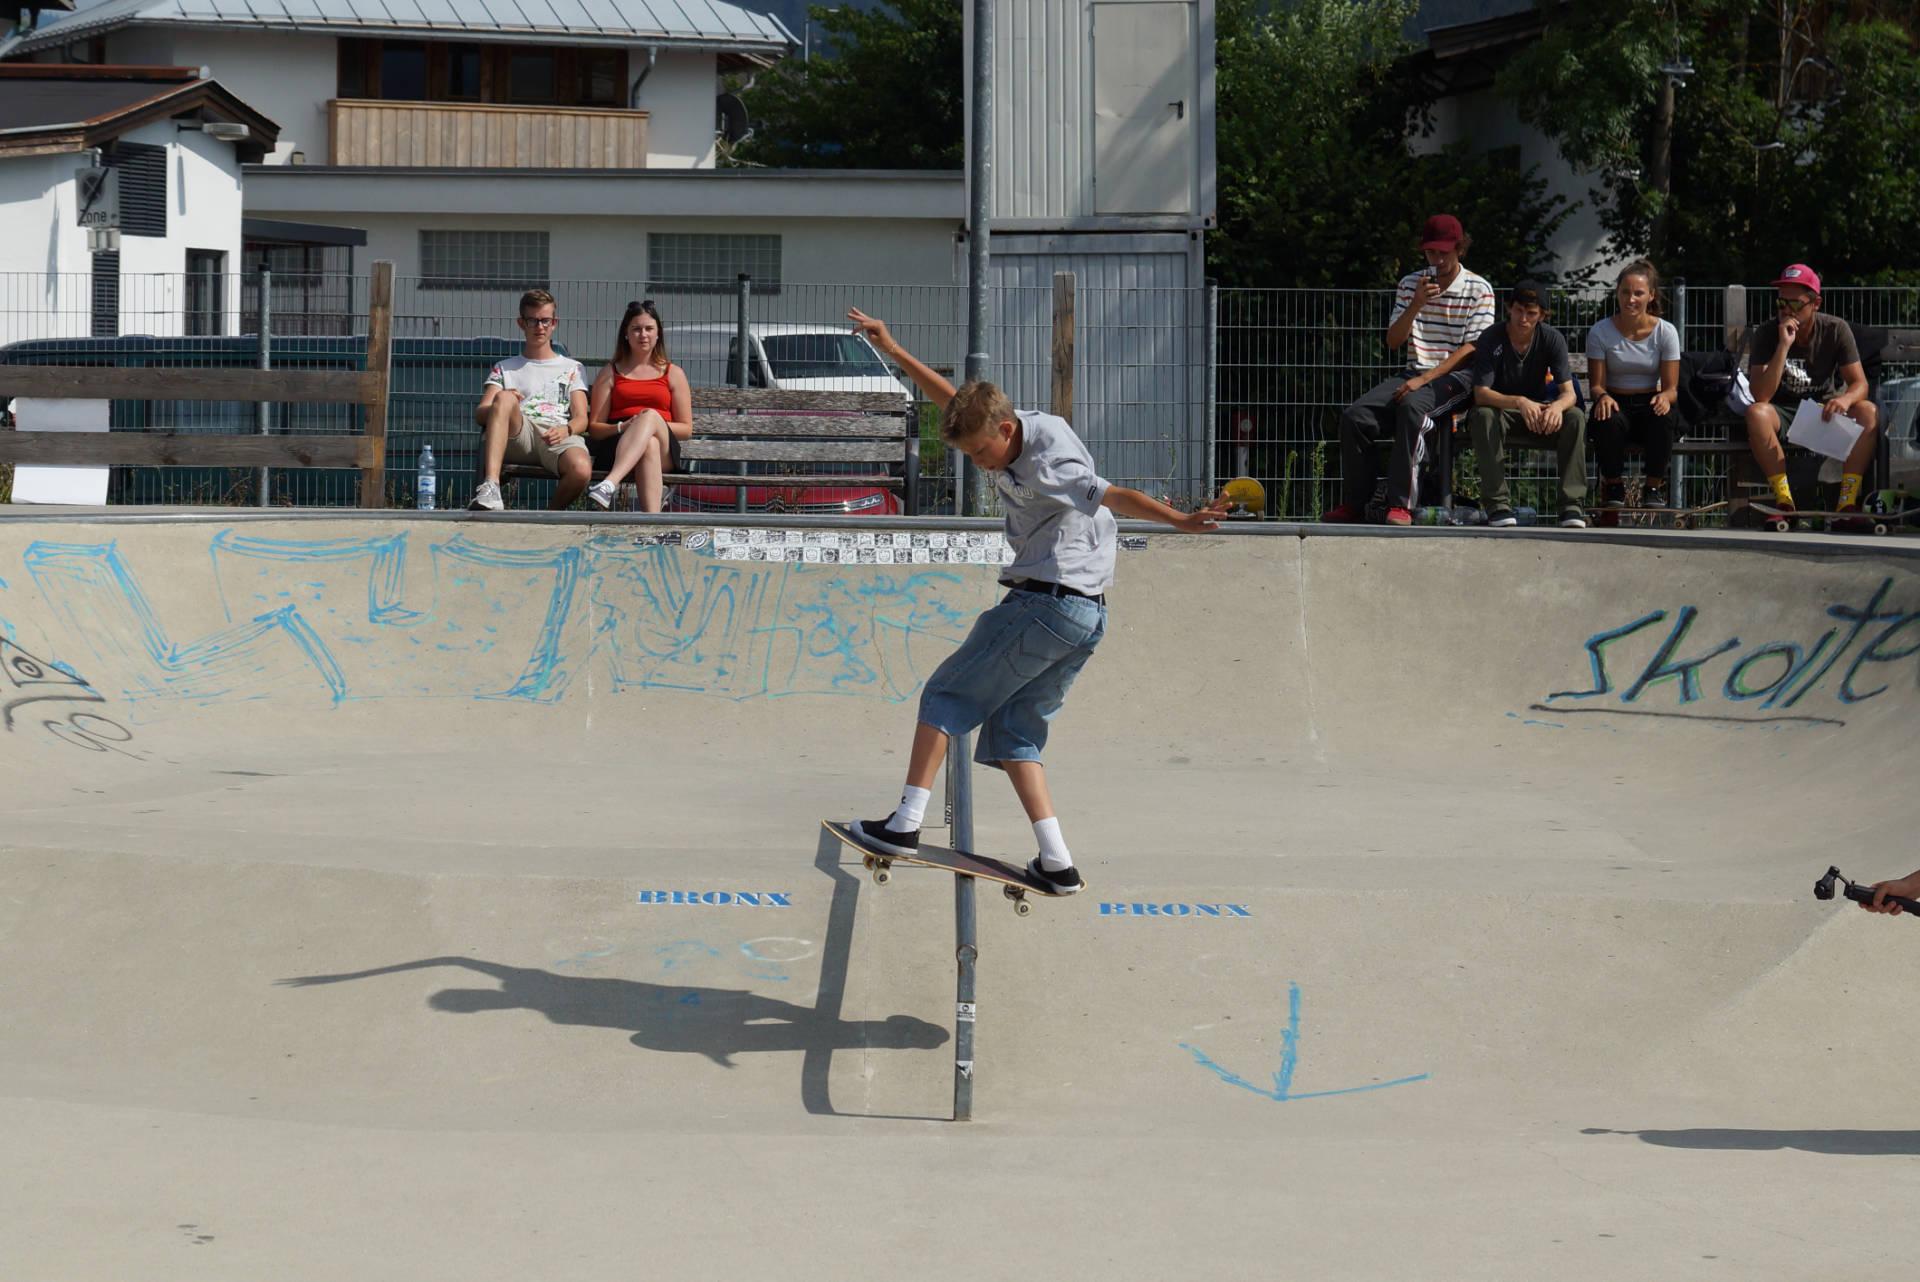 skateboardheadz st johann in tirol kgt 2019 finale 00052